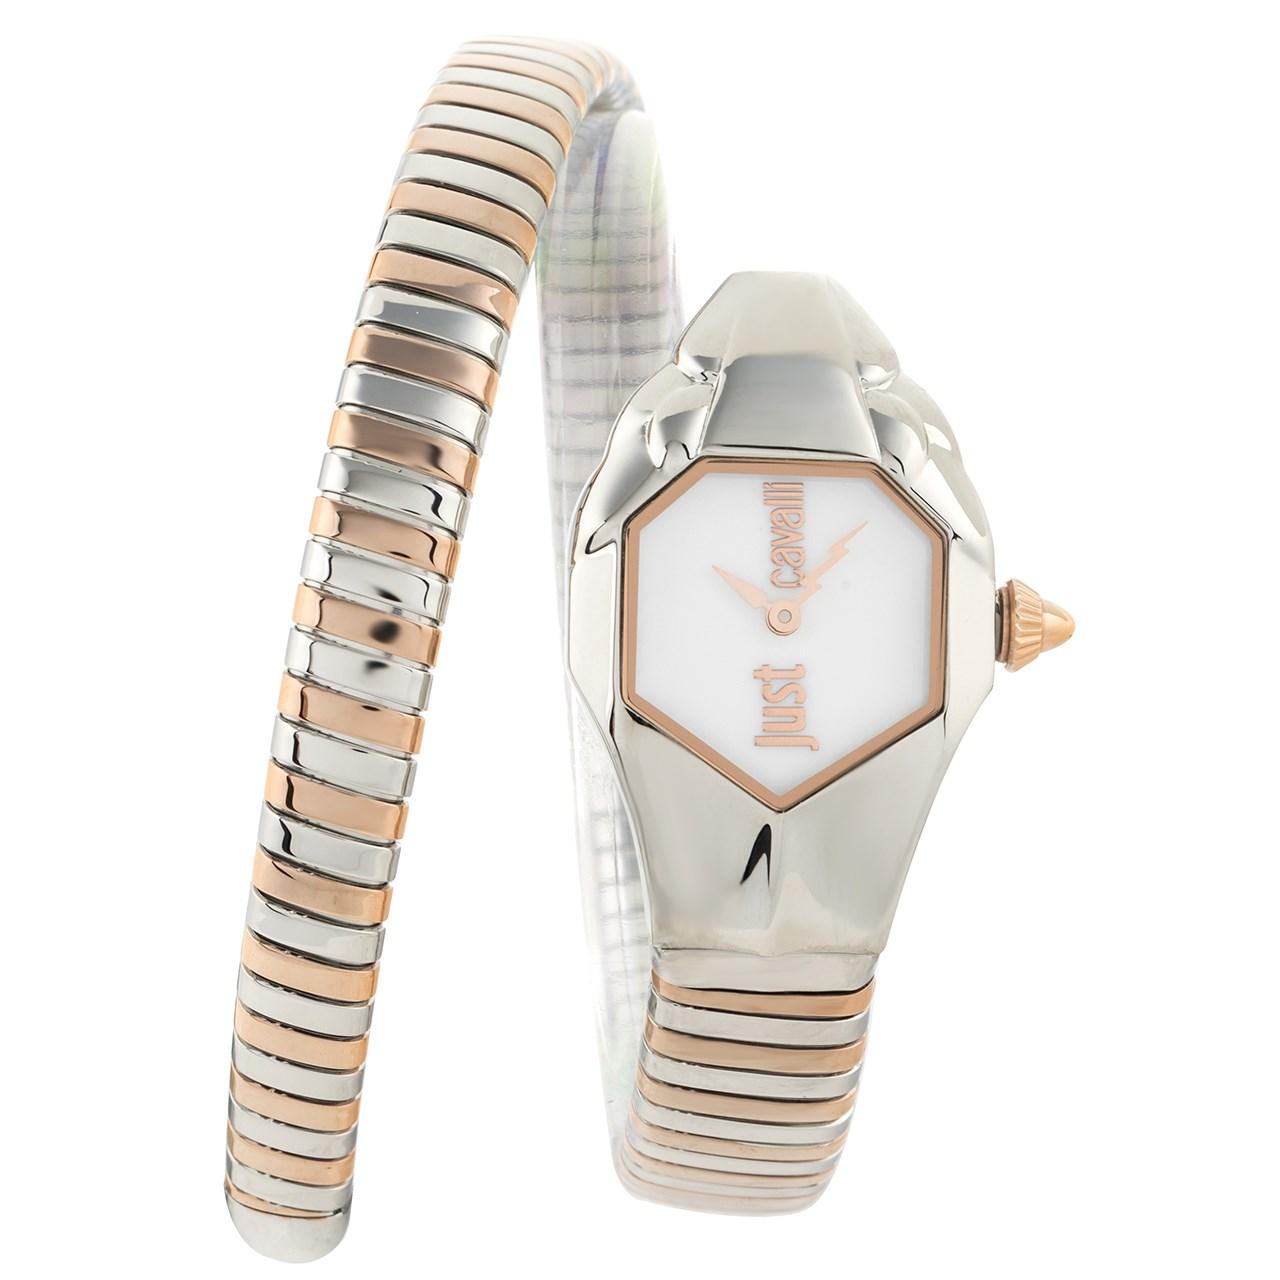 ساعت مچی عقربه ای زنانه جاست کاوالی مدل JC1L001M0045 1